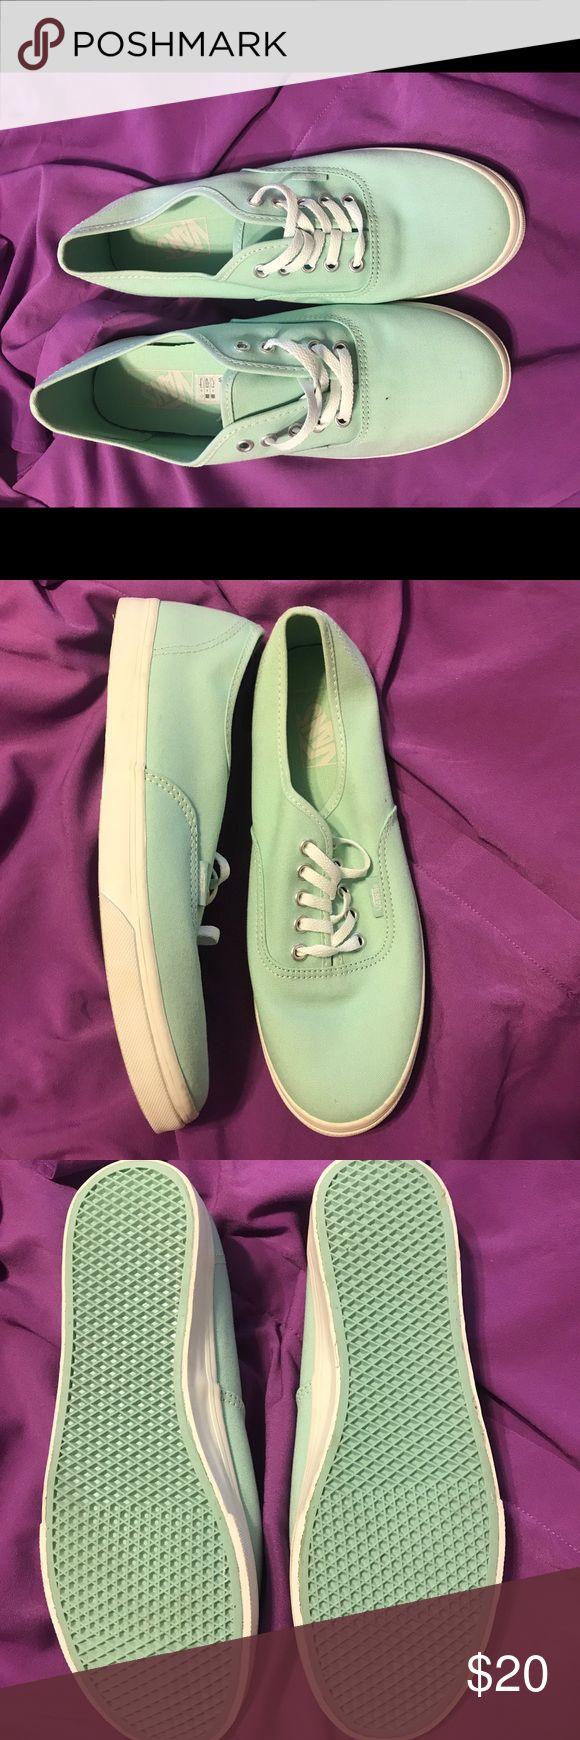 Tiffany Blue Vans Never been worn Lace up Vans Vans Shoes Sneakers